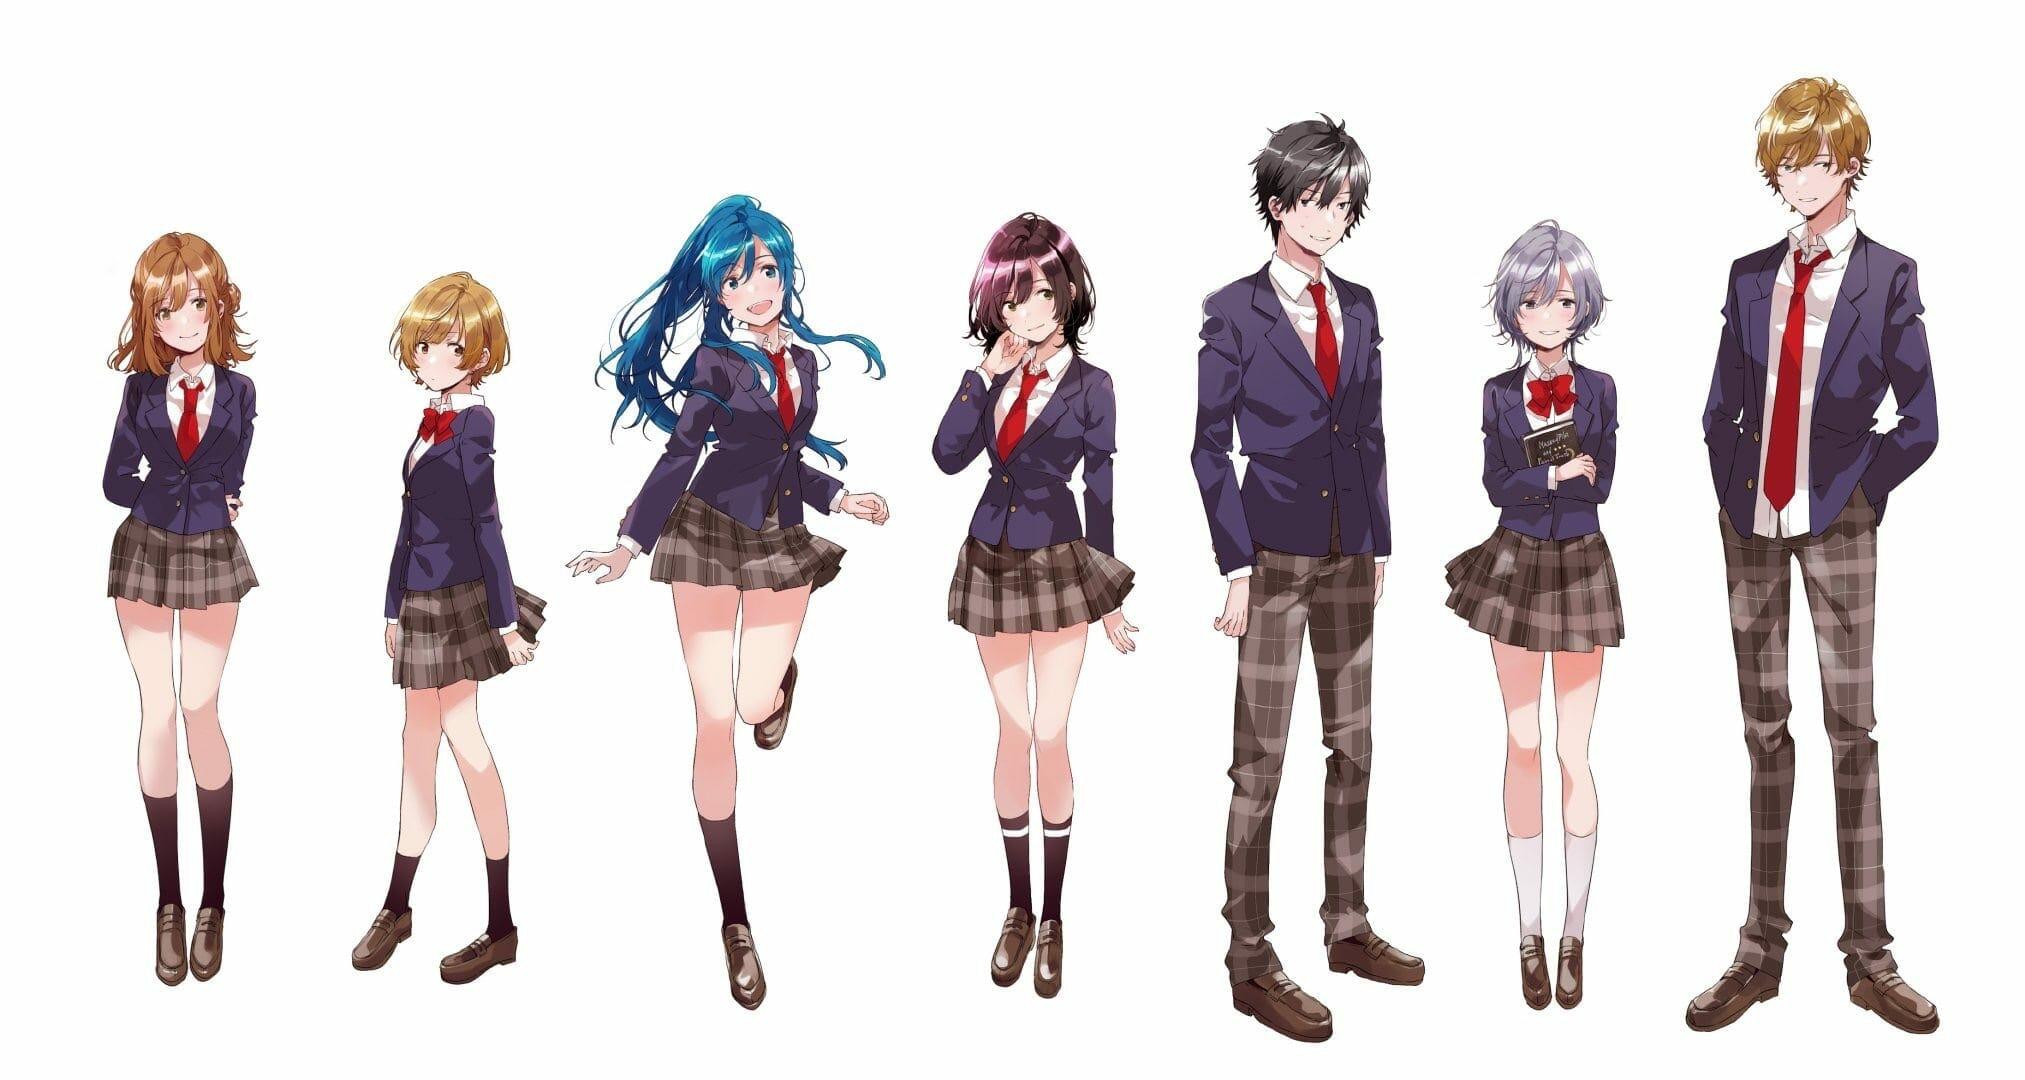 Jaku-chara Tomozaki-kun anime characters